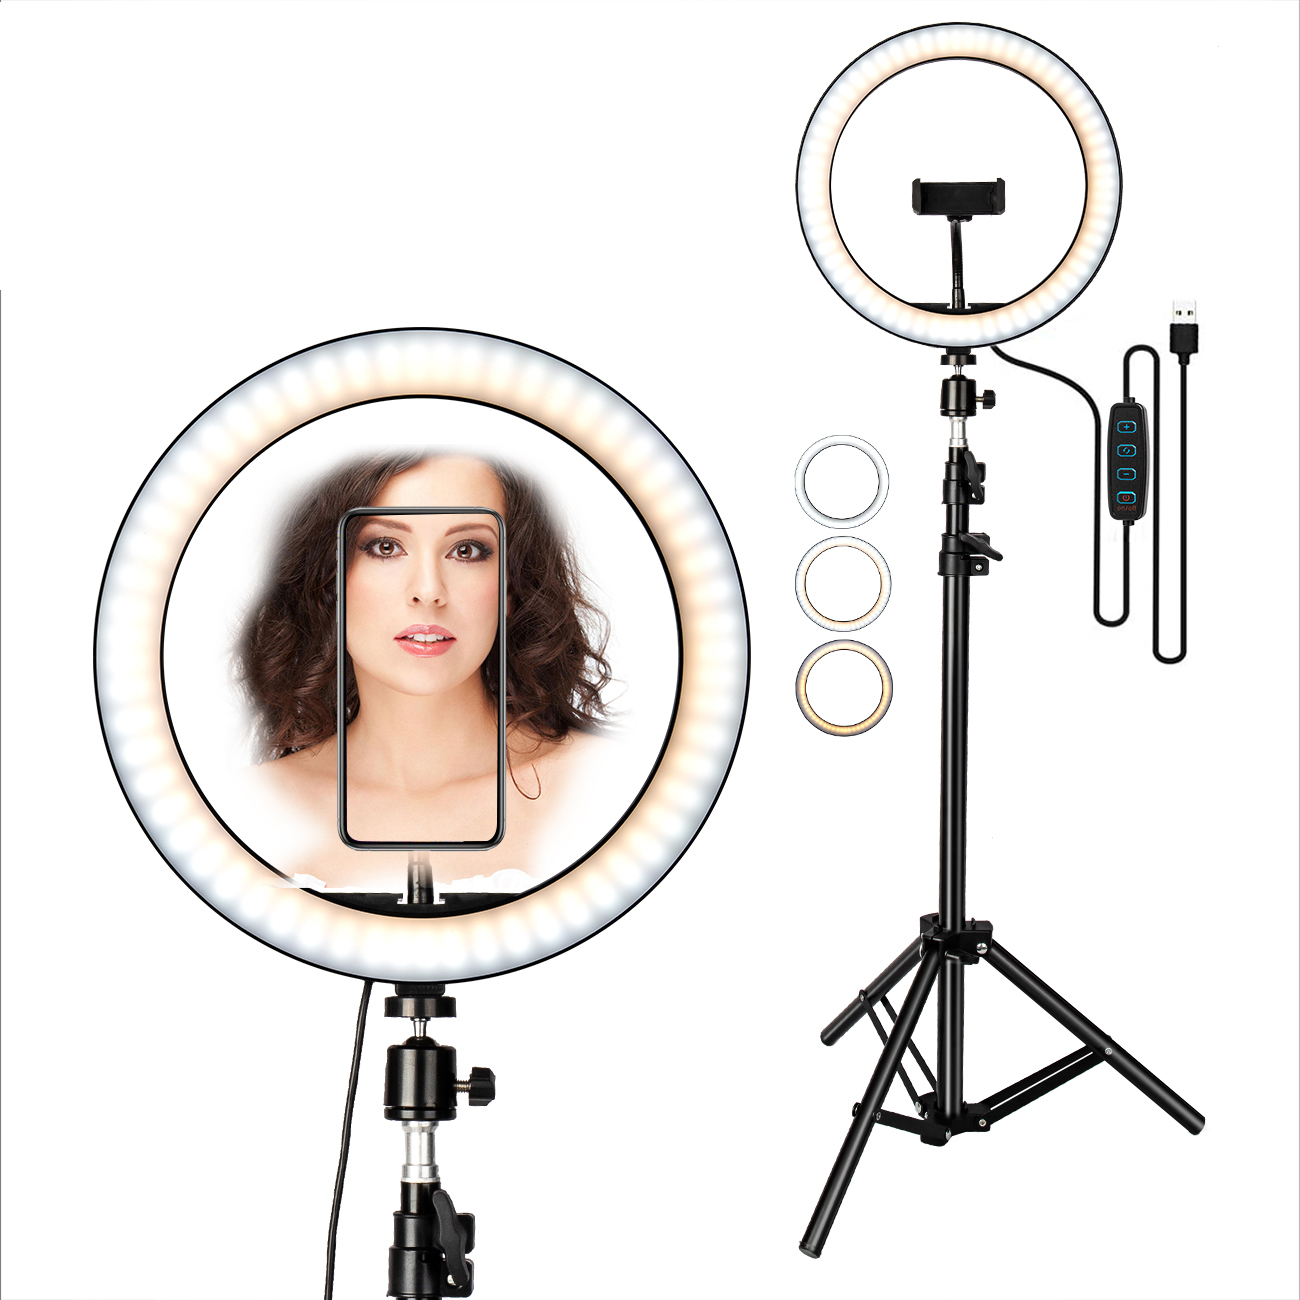 """Selfie Maquillage Vidéo En Direct Anneau Lumière 10 """"Pouces et 1.6 Mètre Support Avec Obturateur À Distance et 3 Mode D'eclairage"""